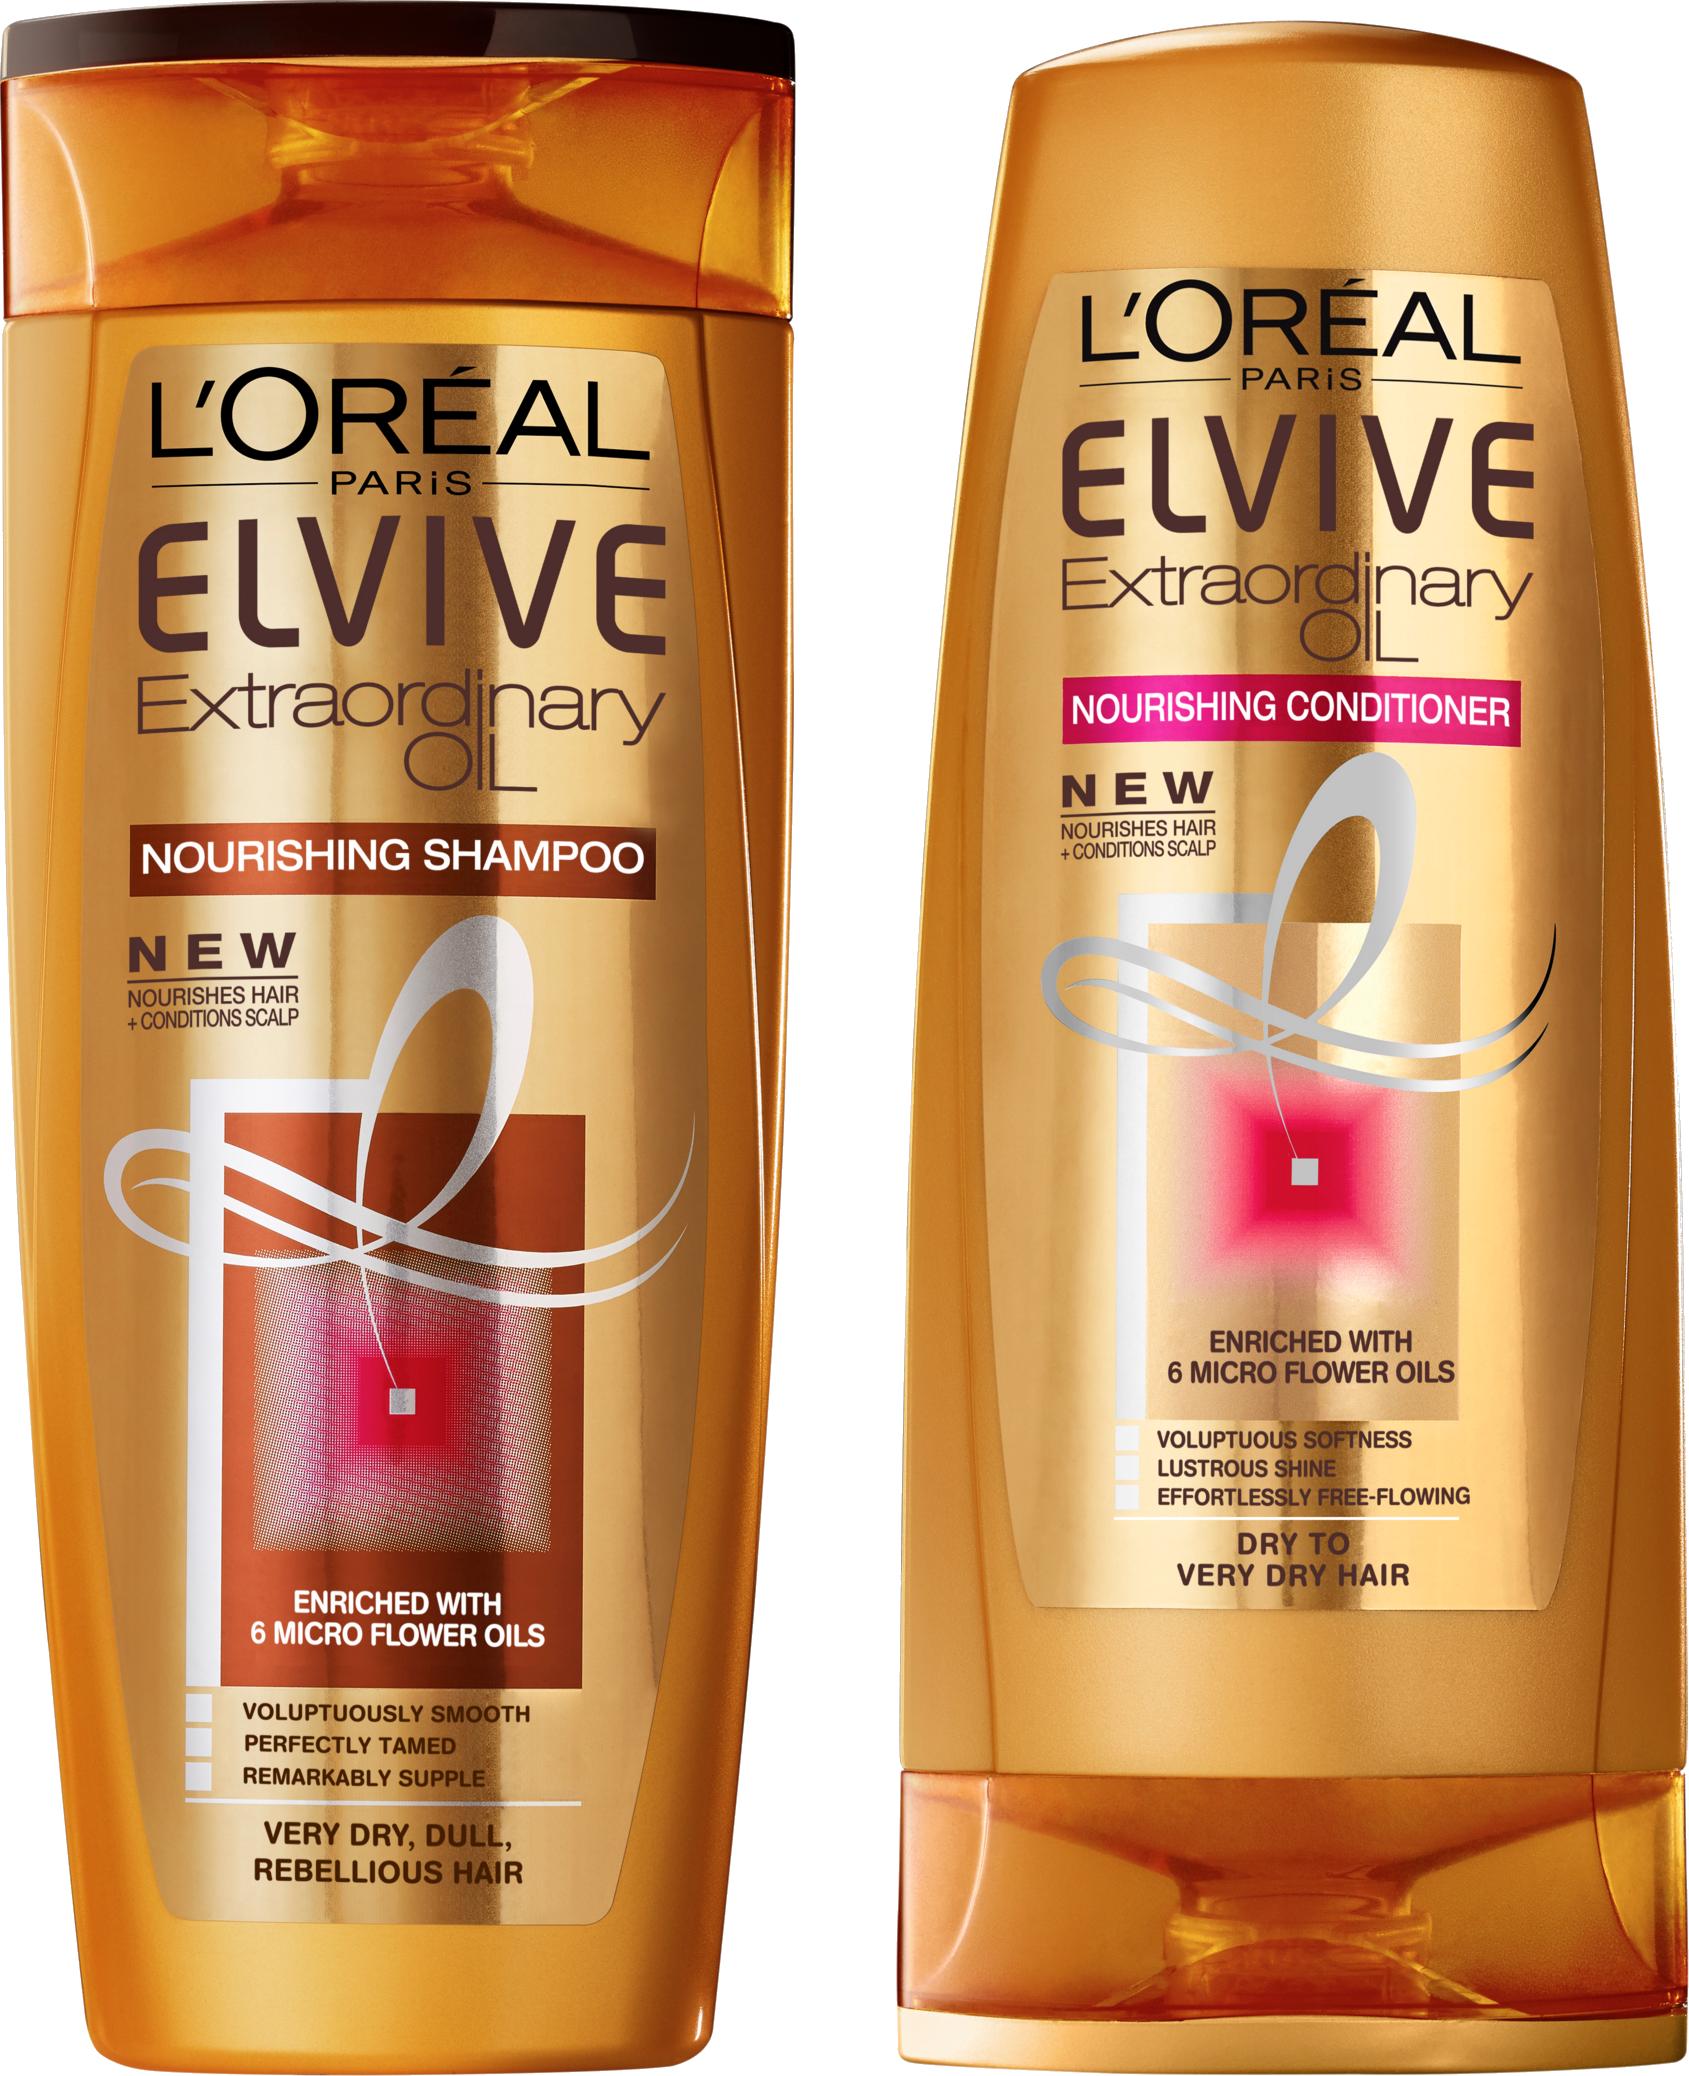 Shampoo To Make Natural Hair Curly